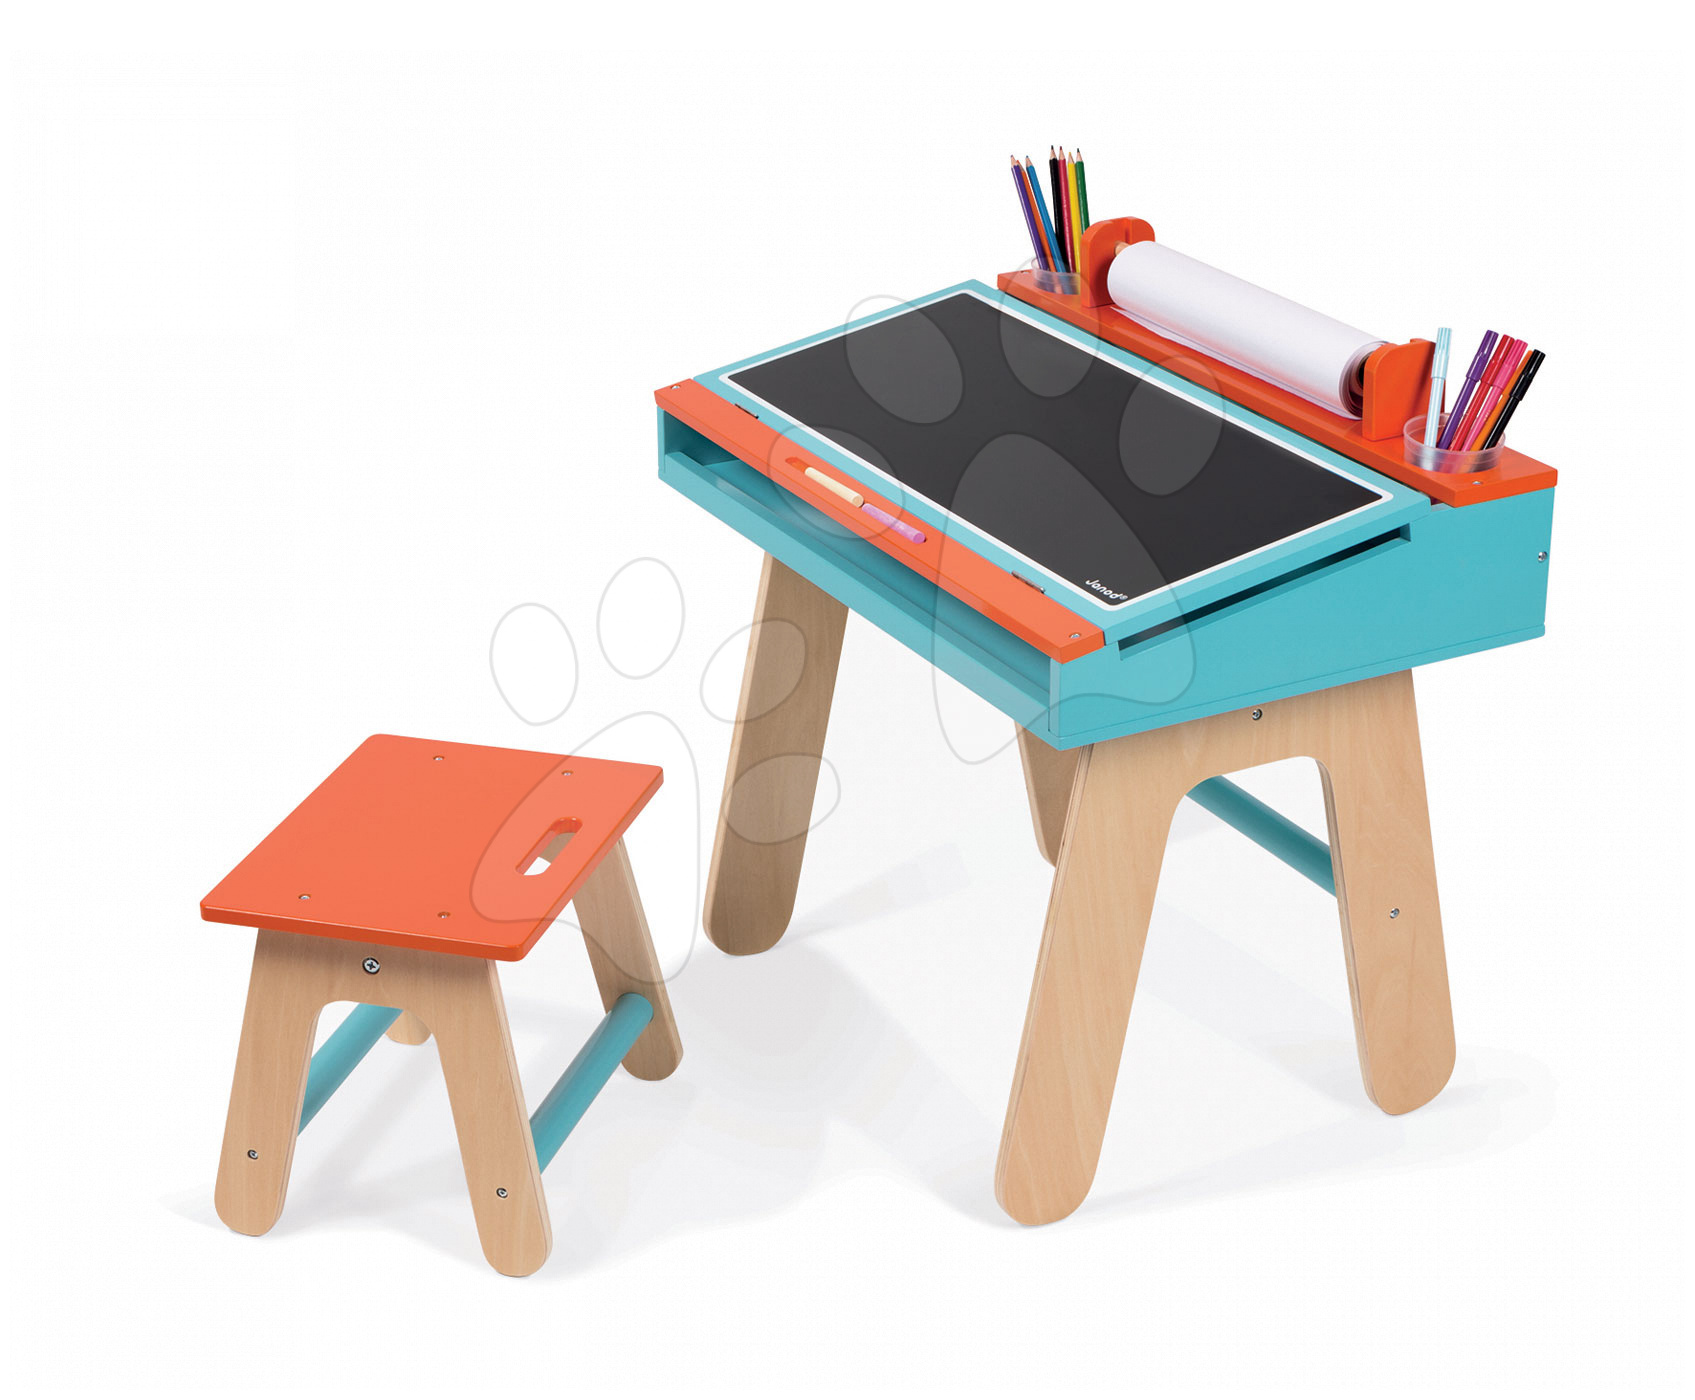 Dřevěná školní lavice Orange & Blue Janod otvíratelná se židlí a 5 doplňky